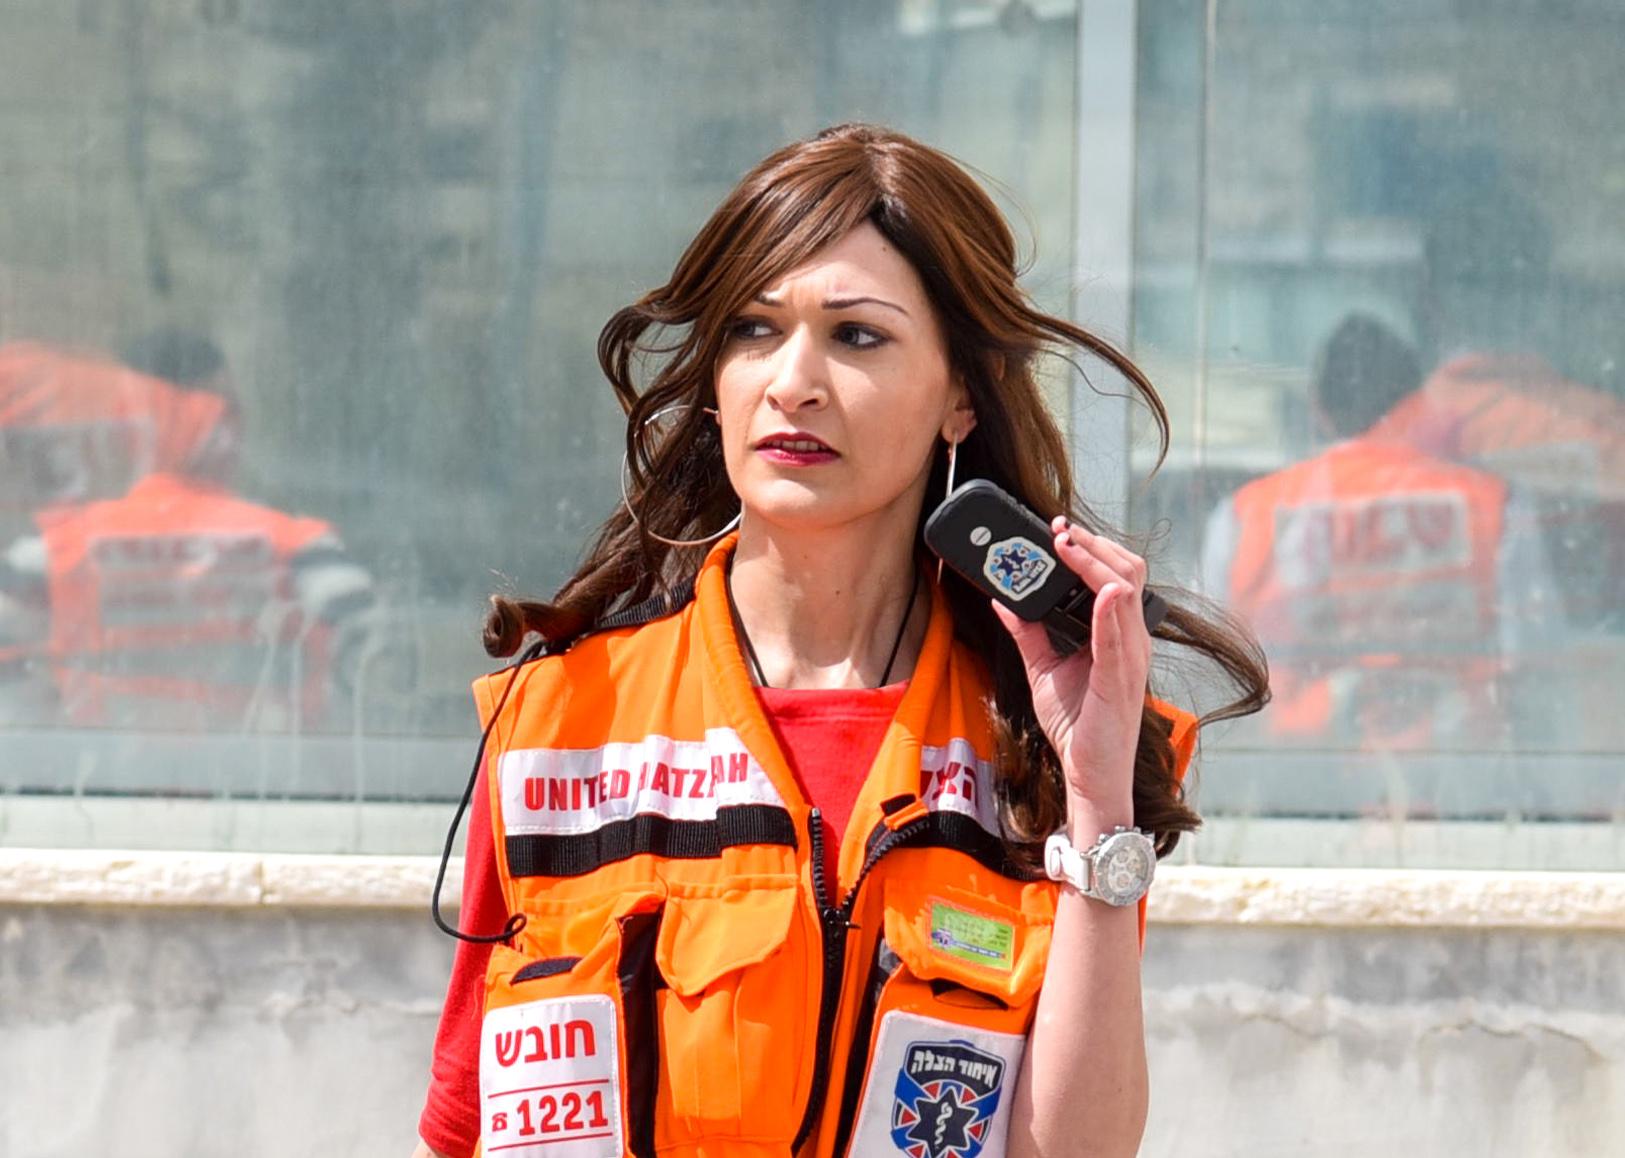 EMT on a call